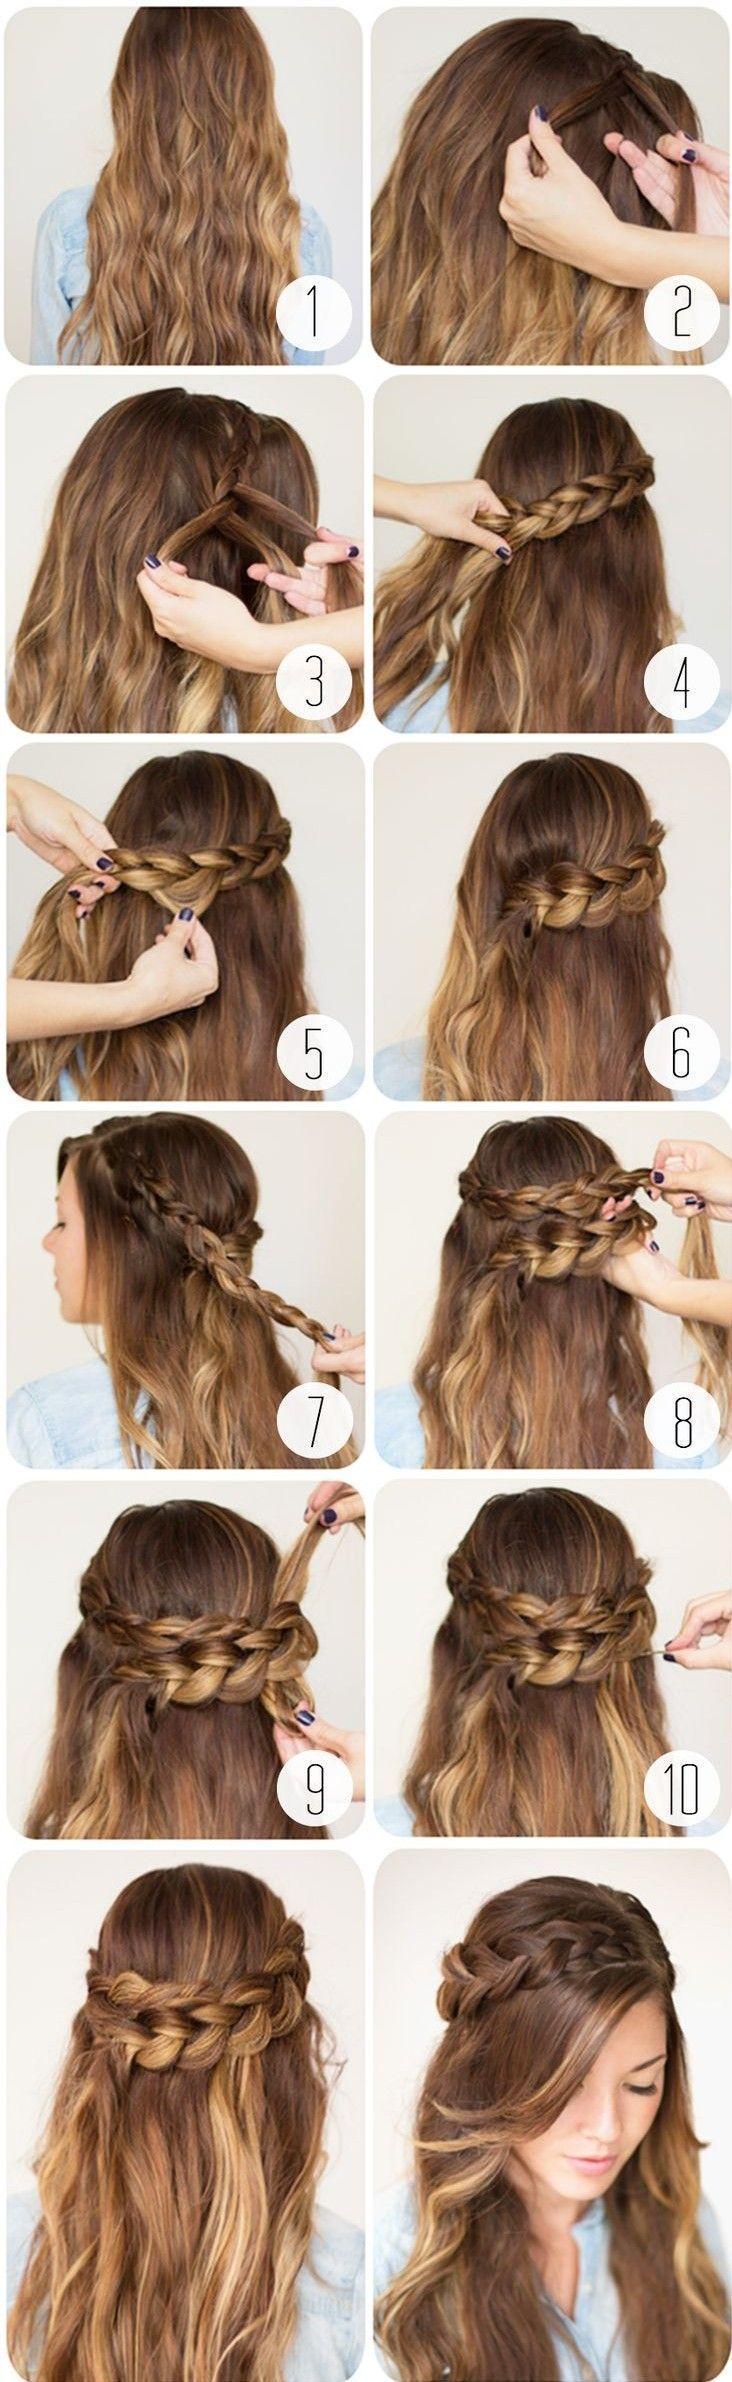 241 best Hair images on Pinterest